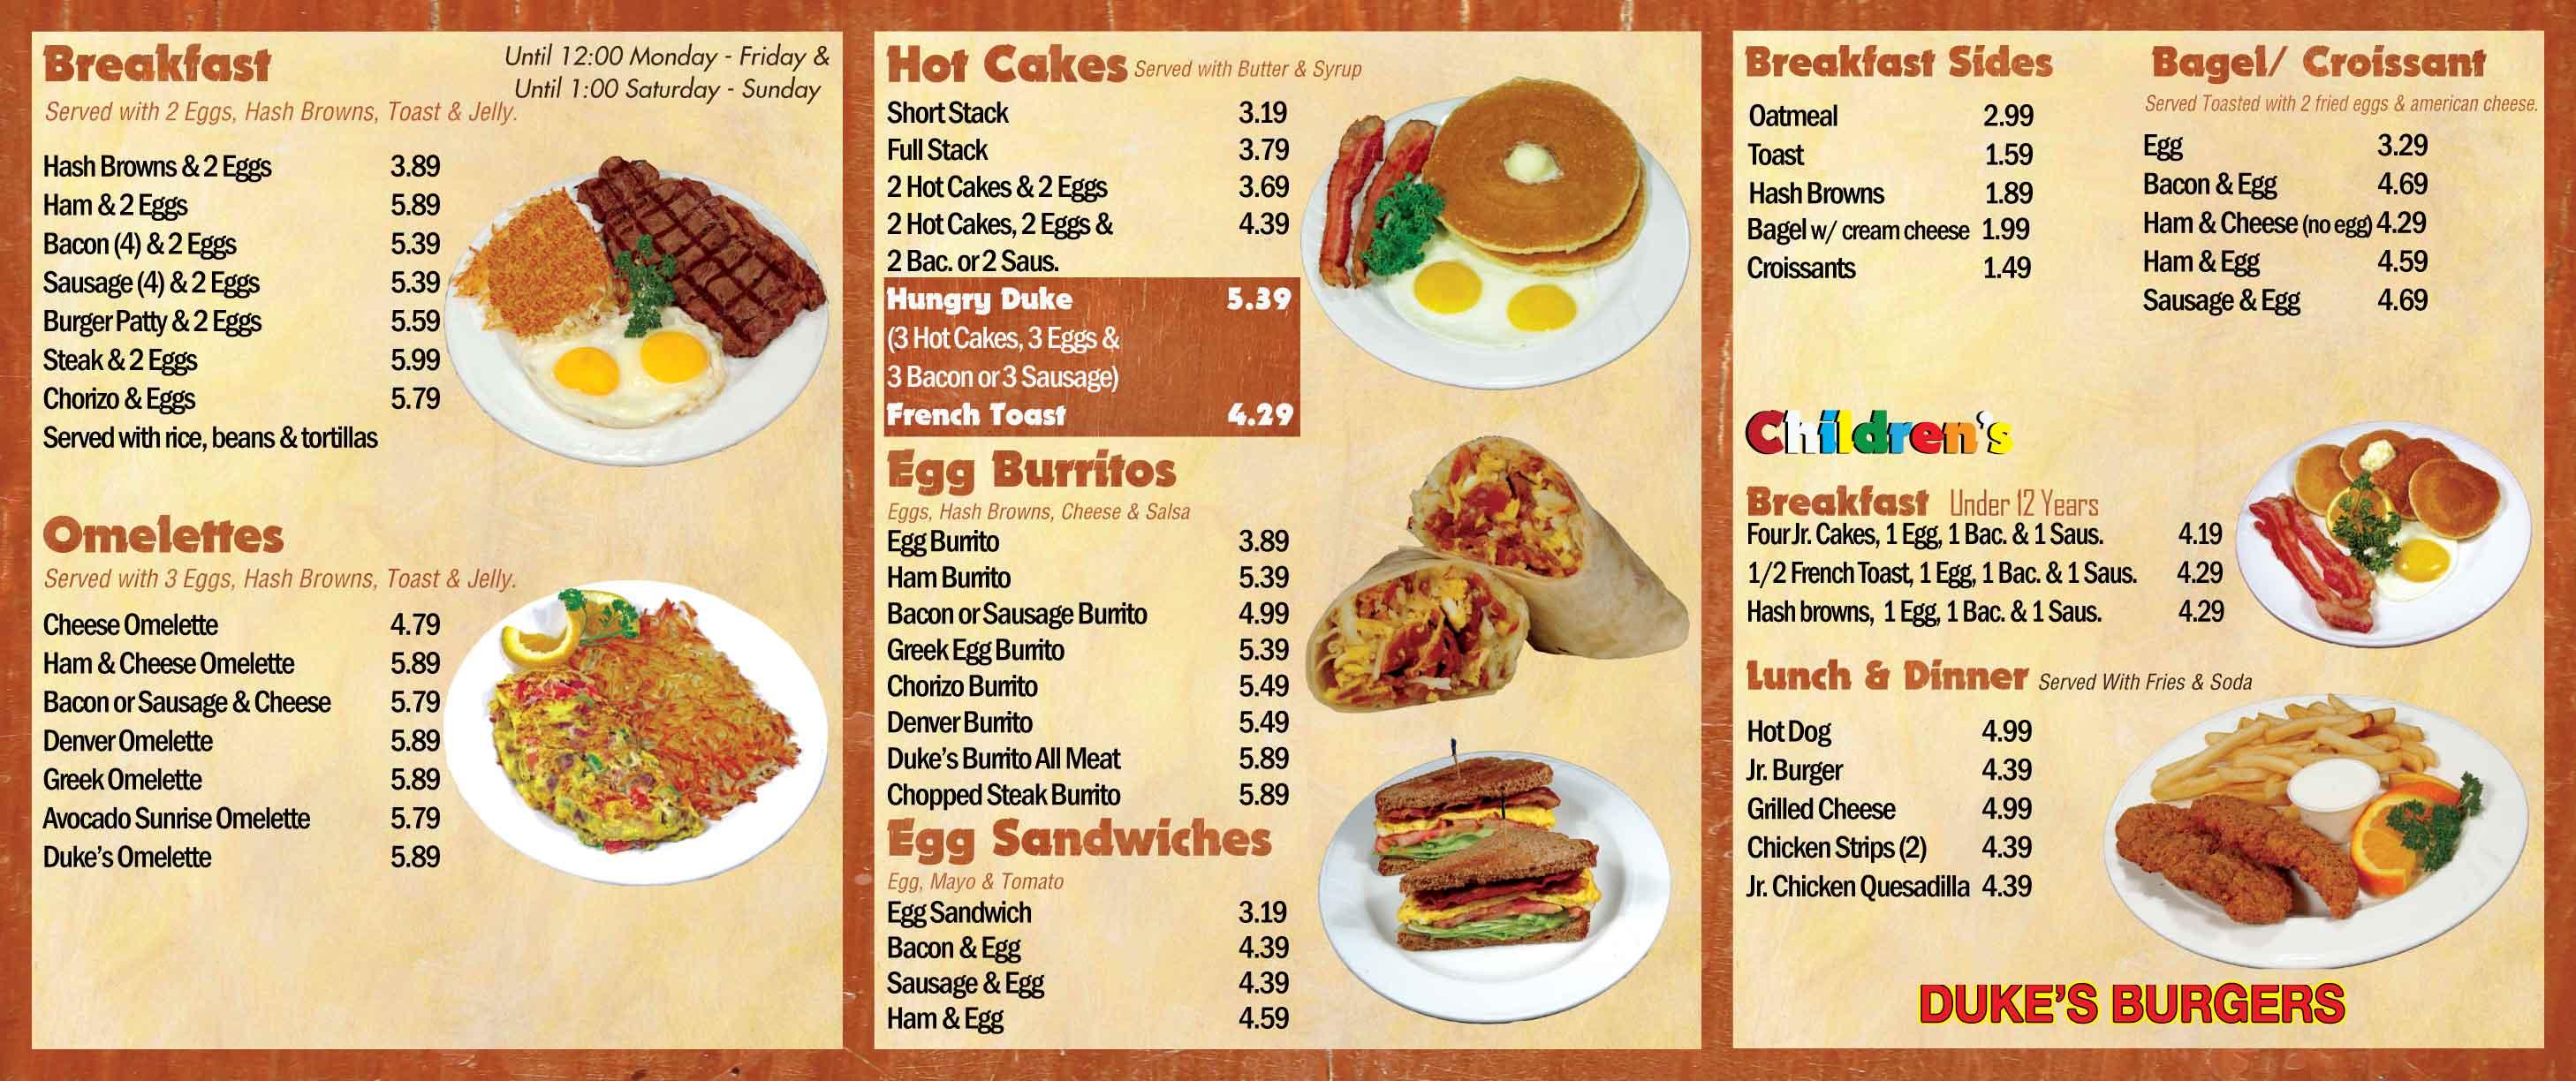 Duke's Burgers - Menu